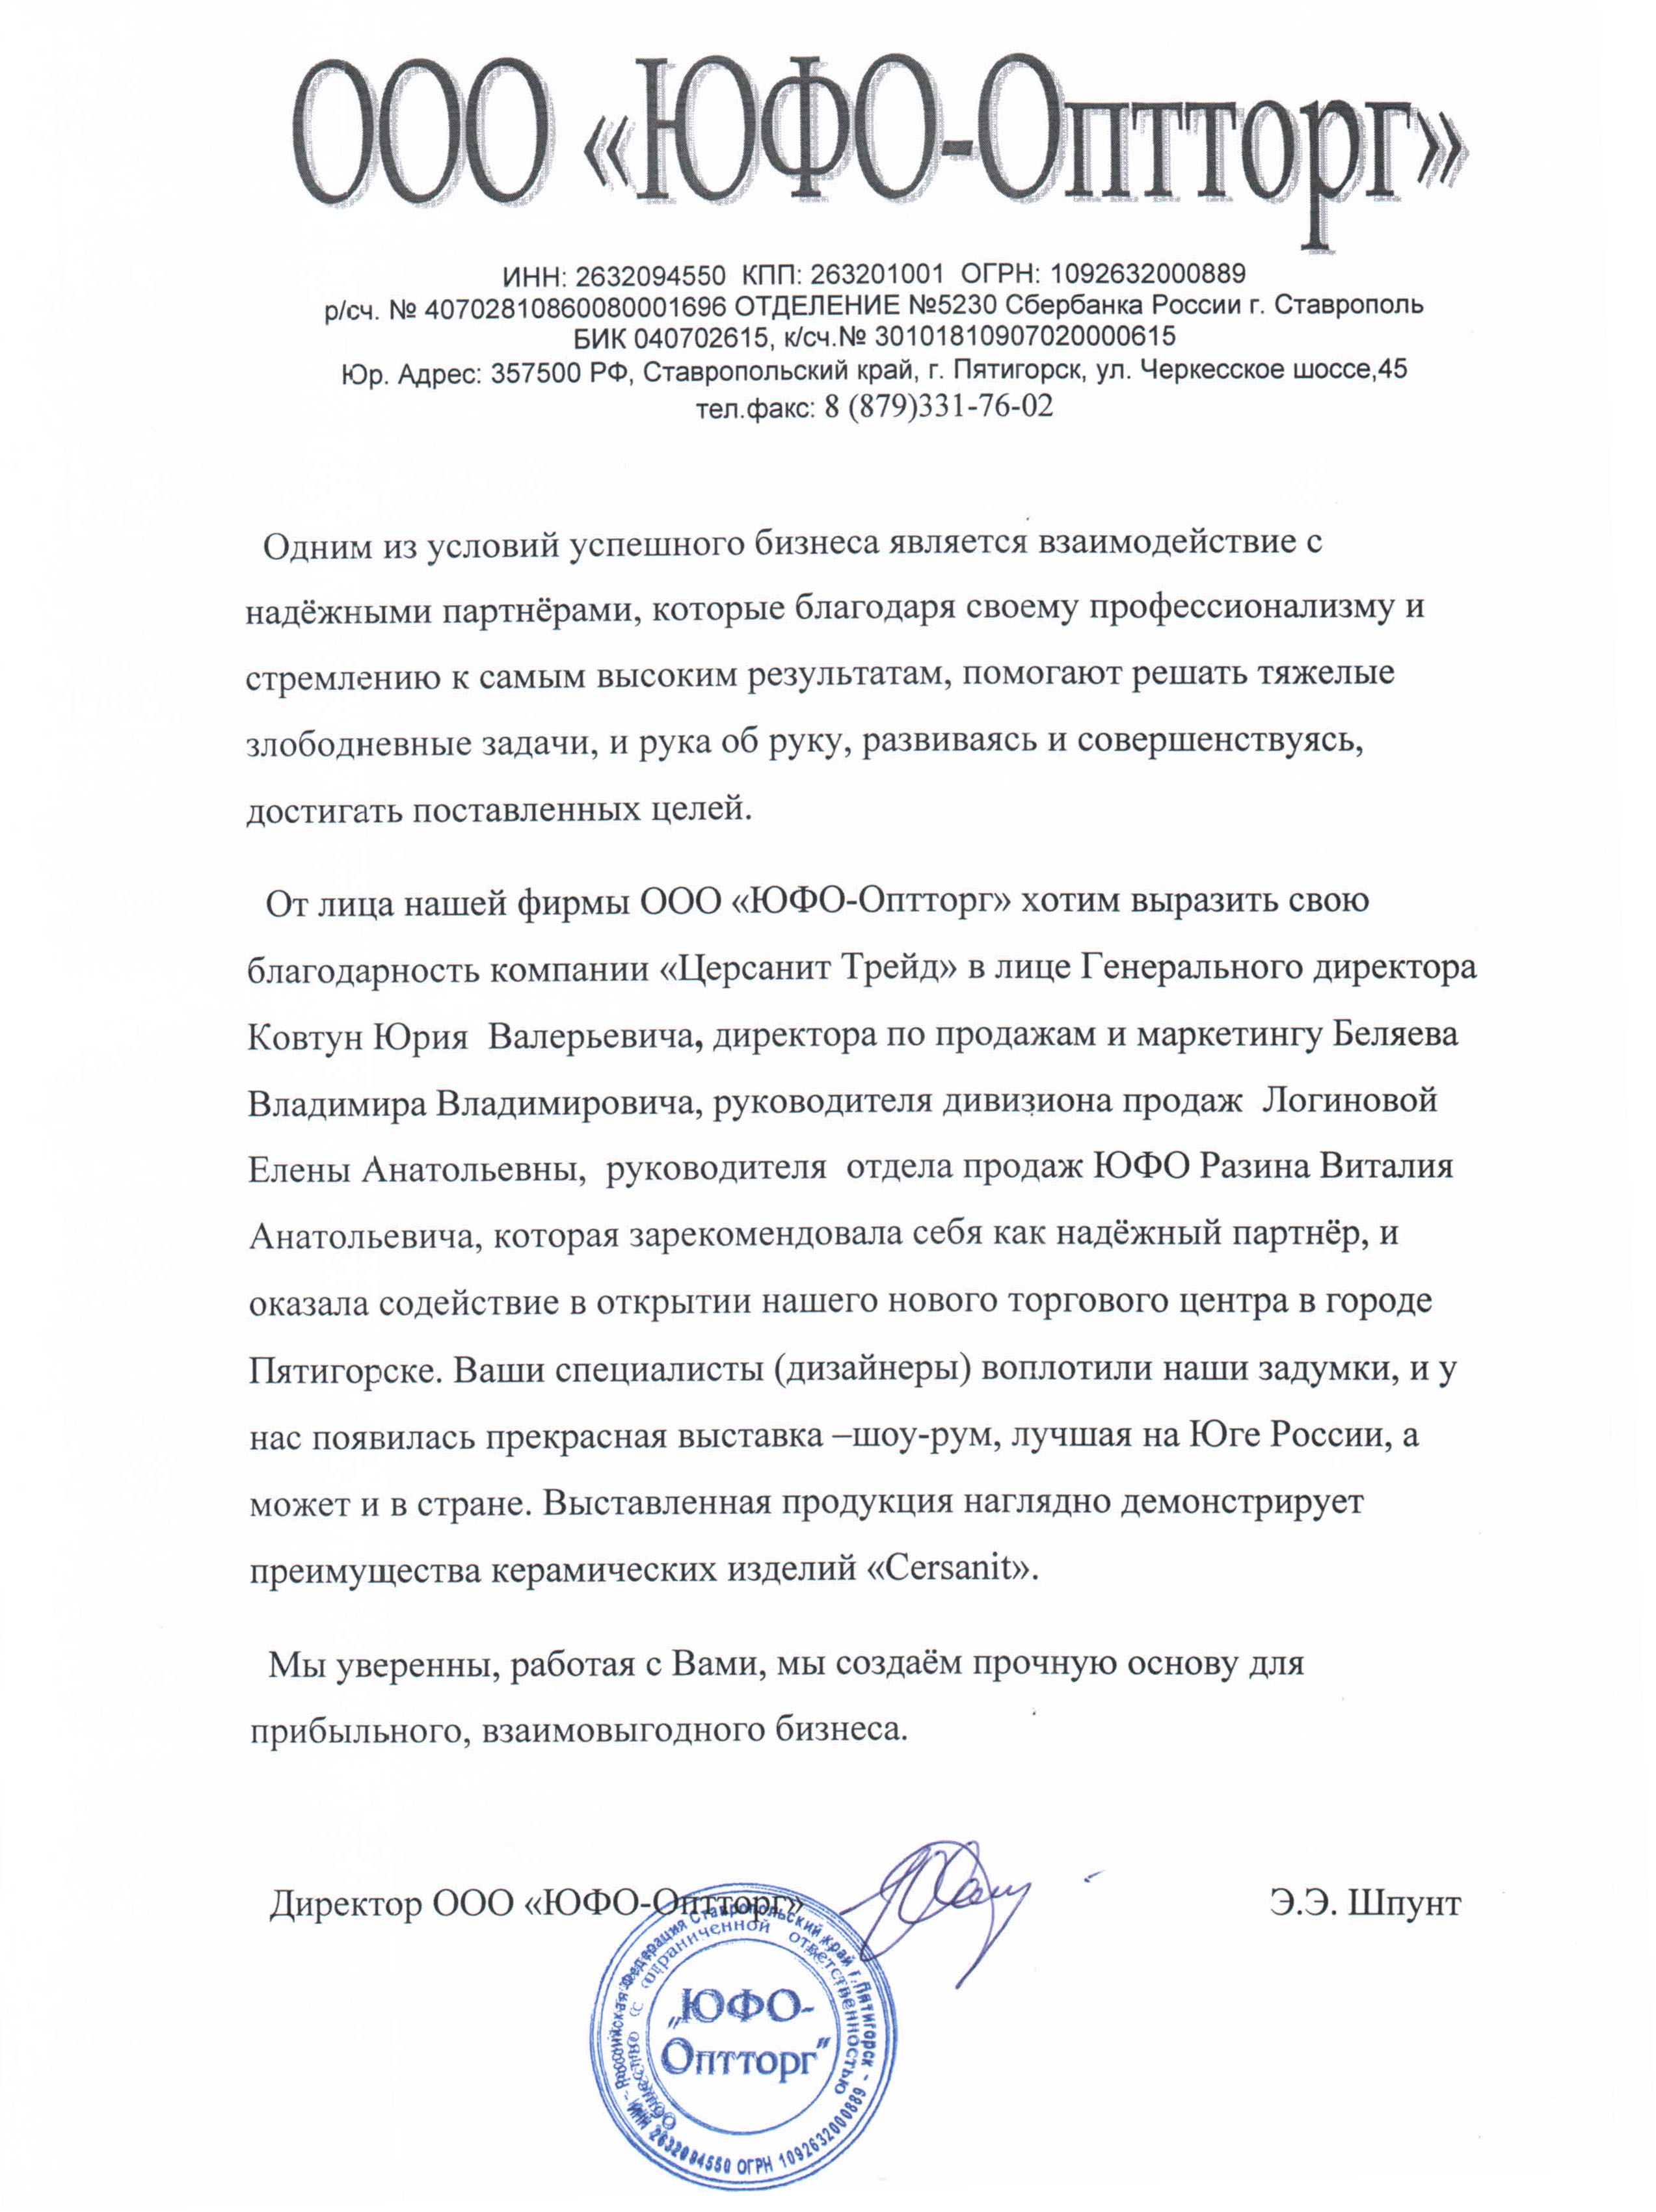 ОТКРЫТИЕ ШОУ-РУМА CERSANIT В СЕВЕРО-КАВКАЗСКОМ РЕГИОНЕ - фото_2